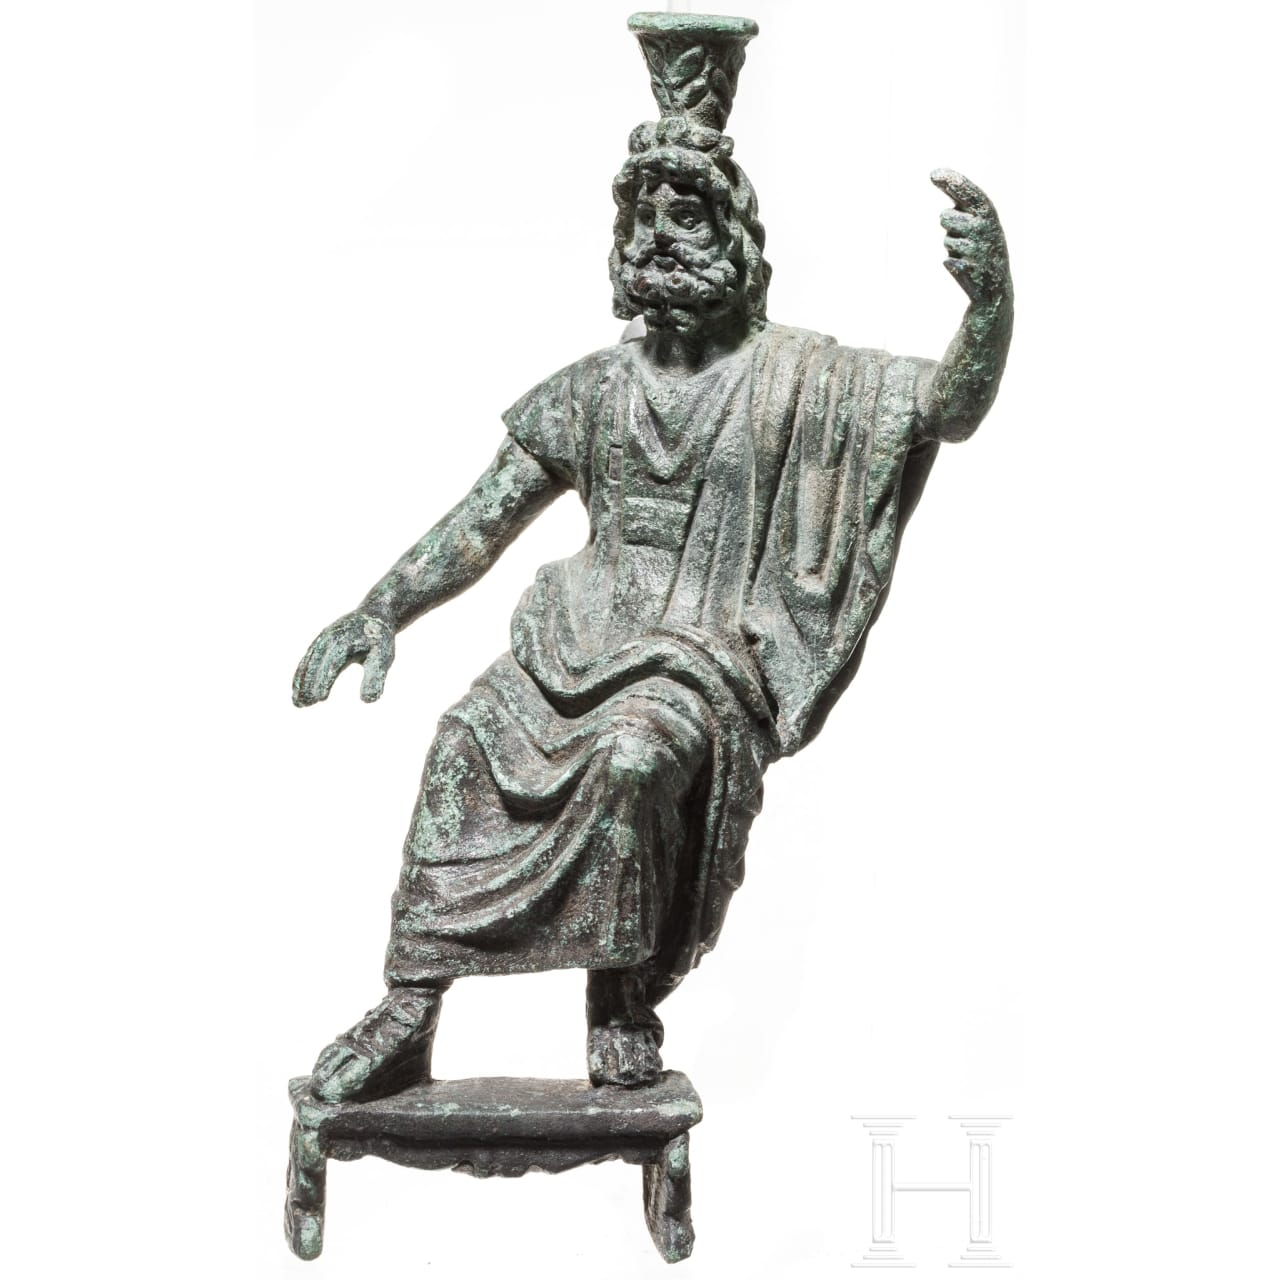 Bronzestatuette des thronenden Serapis, römisch, 2. - 3. Jhdt.